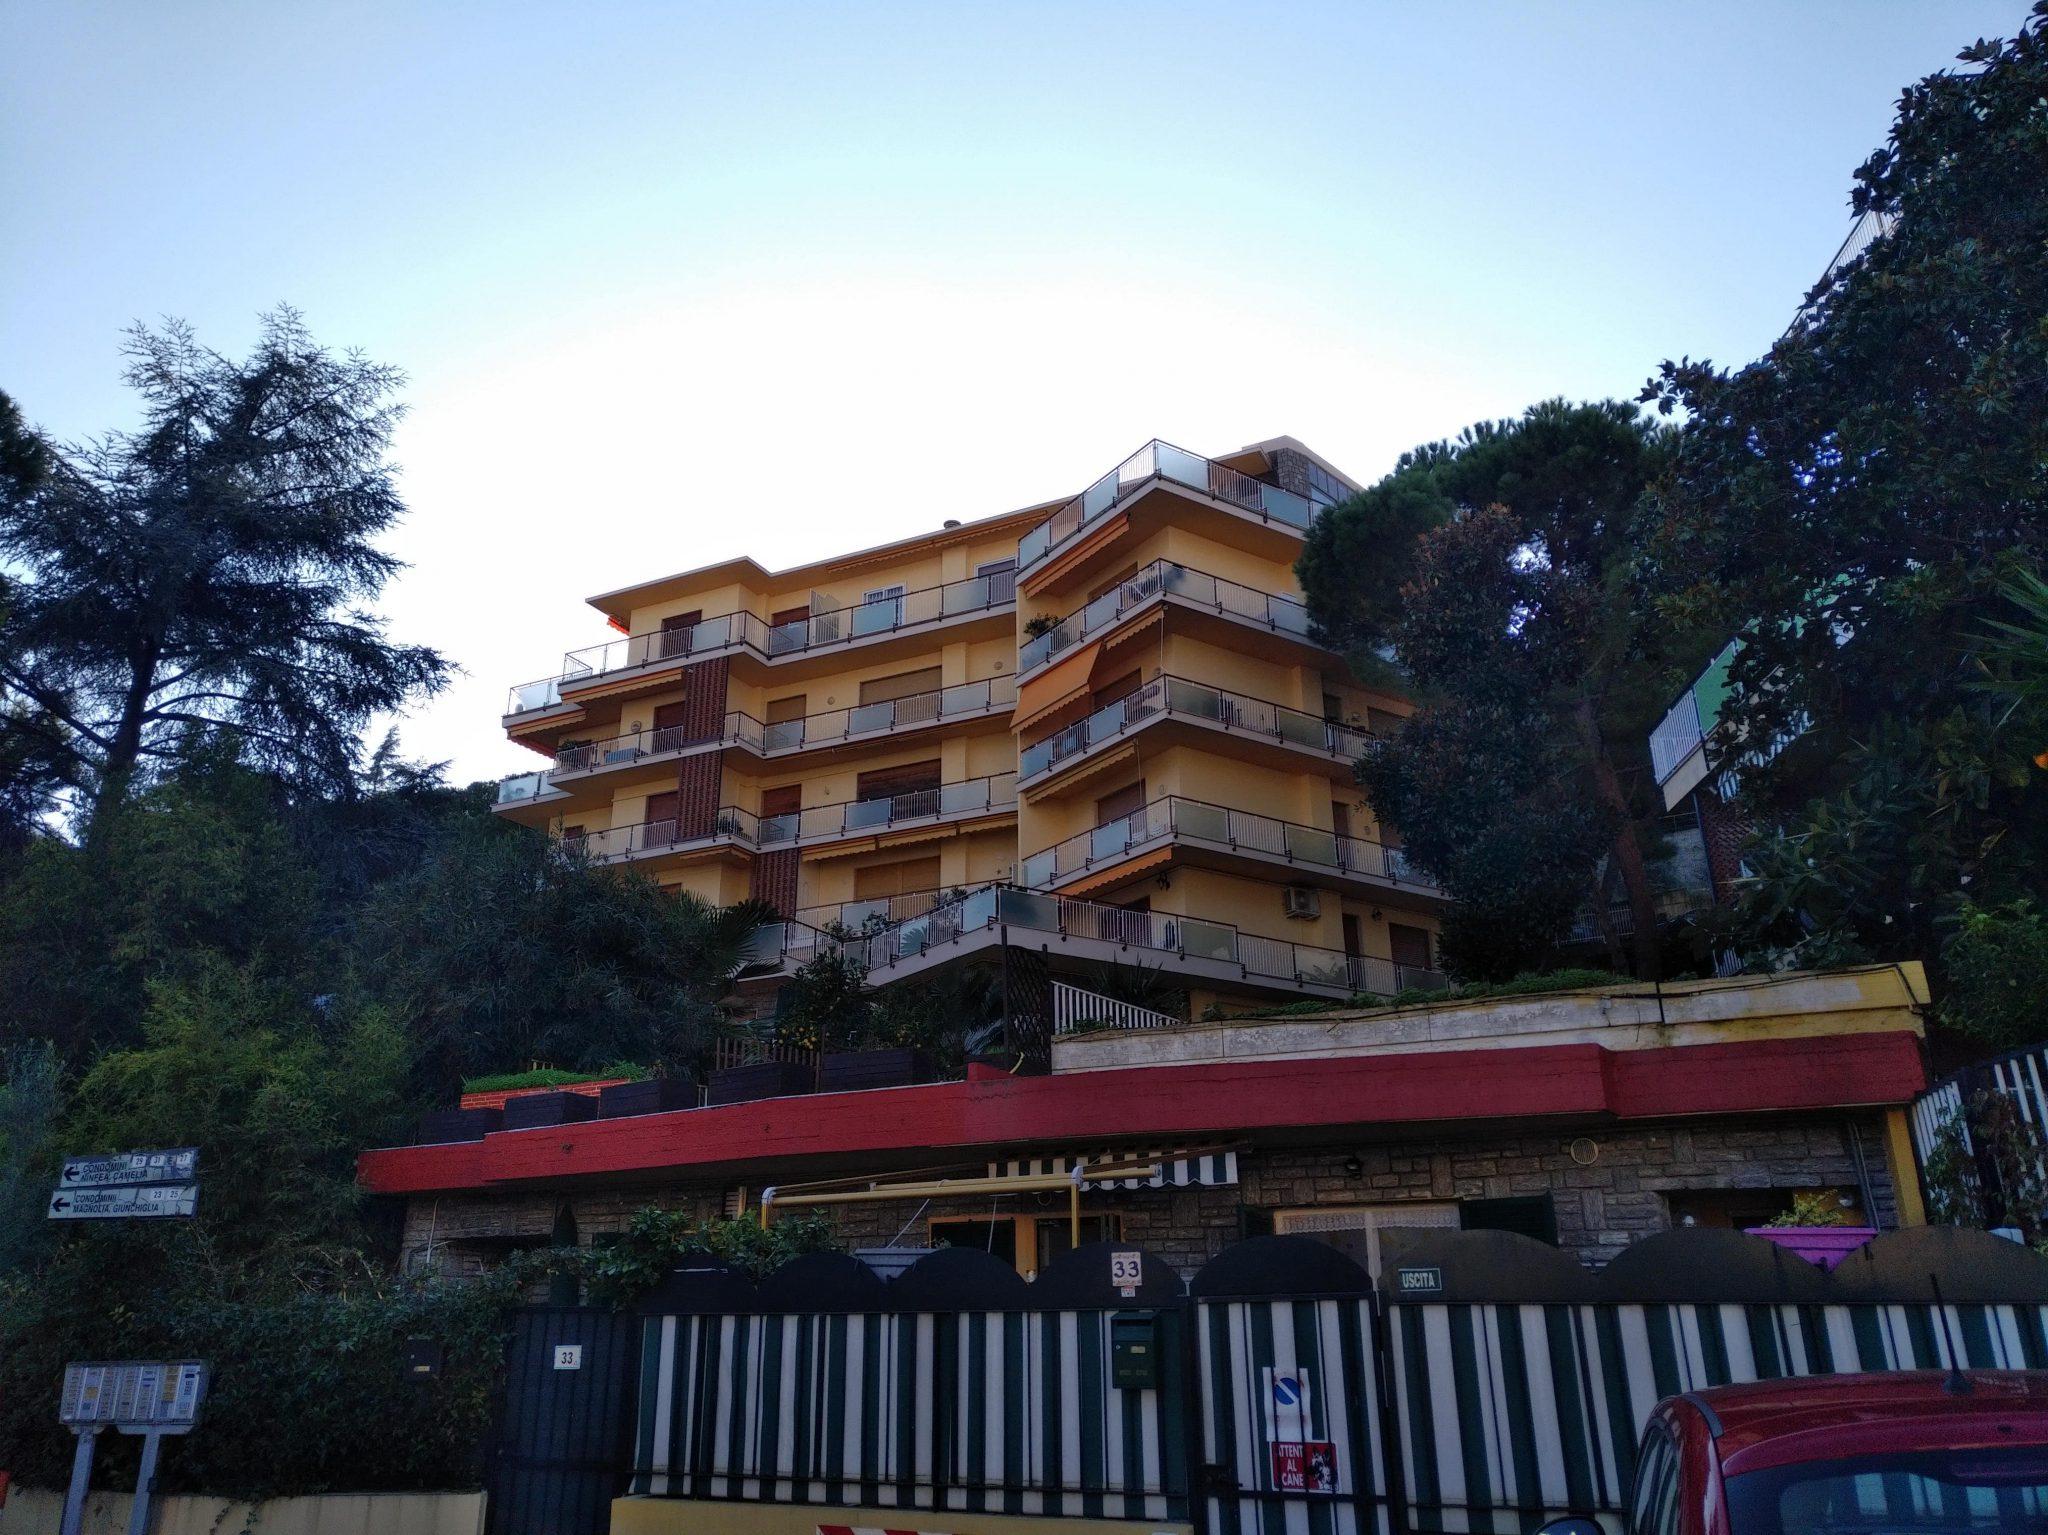 Via Serenella